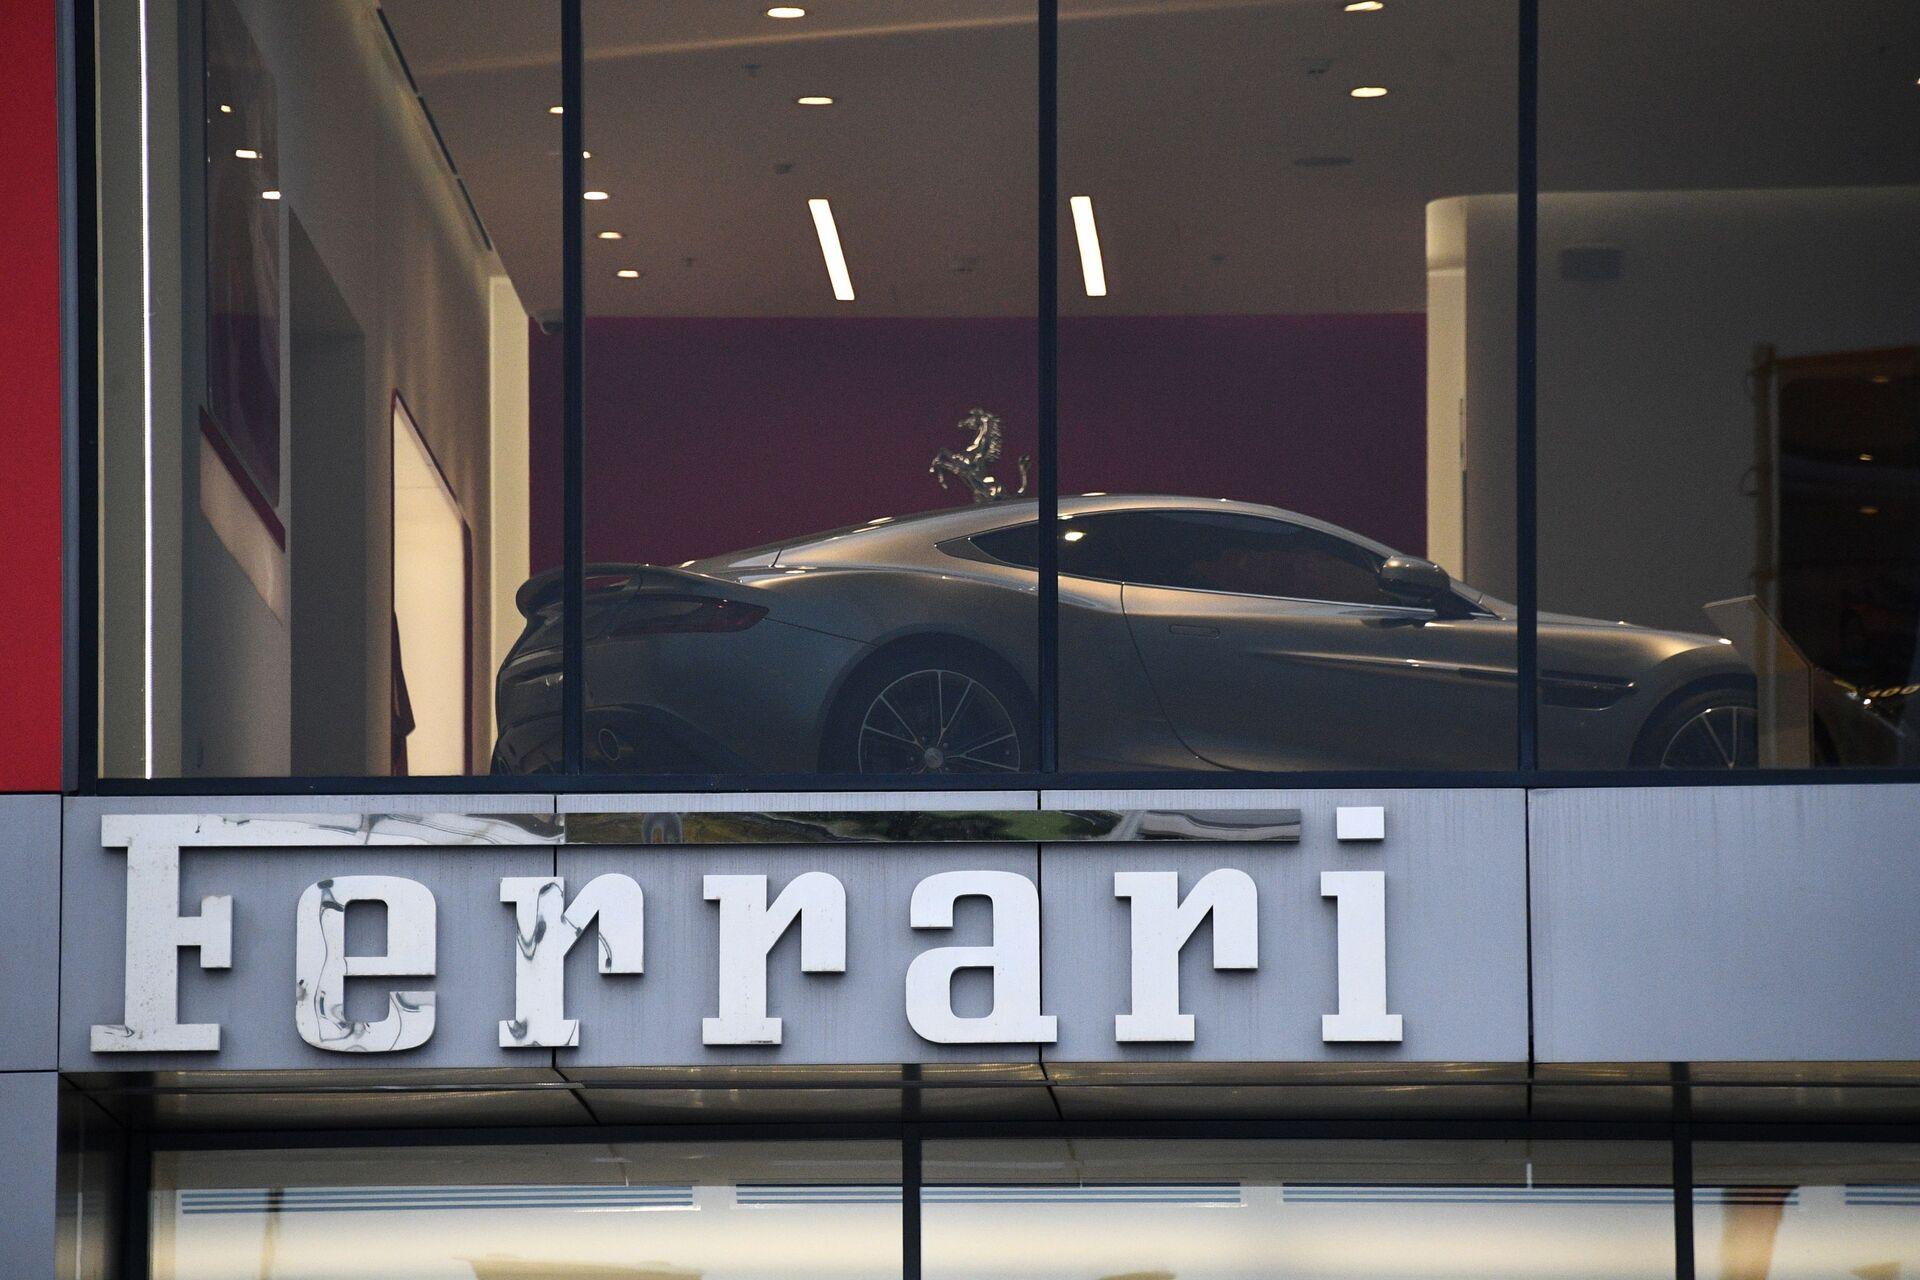 Ferrari, c'è lo sprint nel terzo semestre 2020: chiusura di anno migliore rispetto alle previsioni - Sputnik Italia, 1920, 02.02.2021